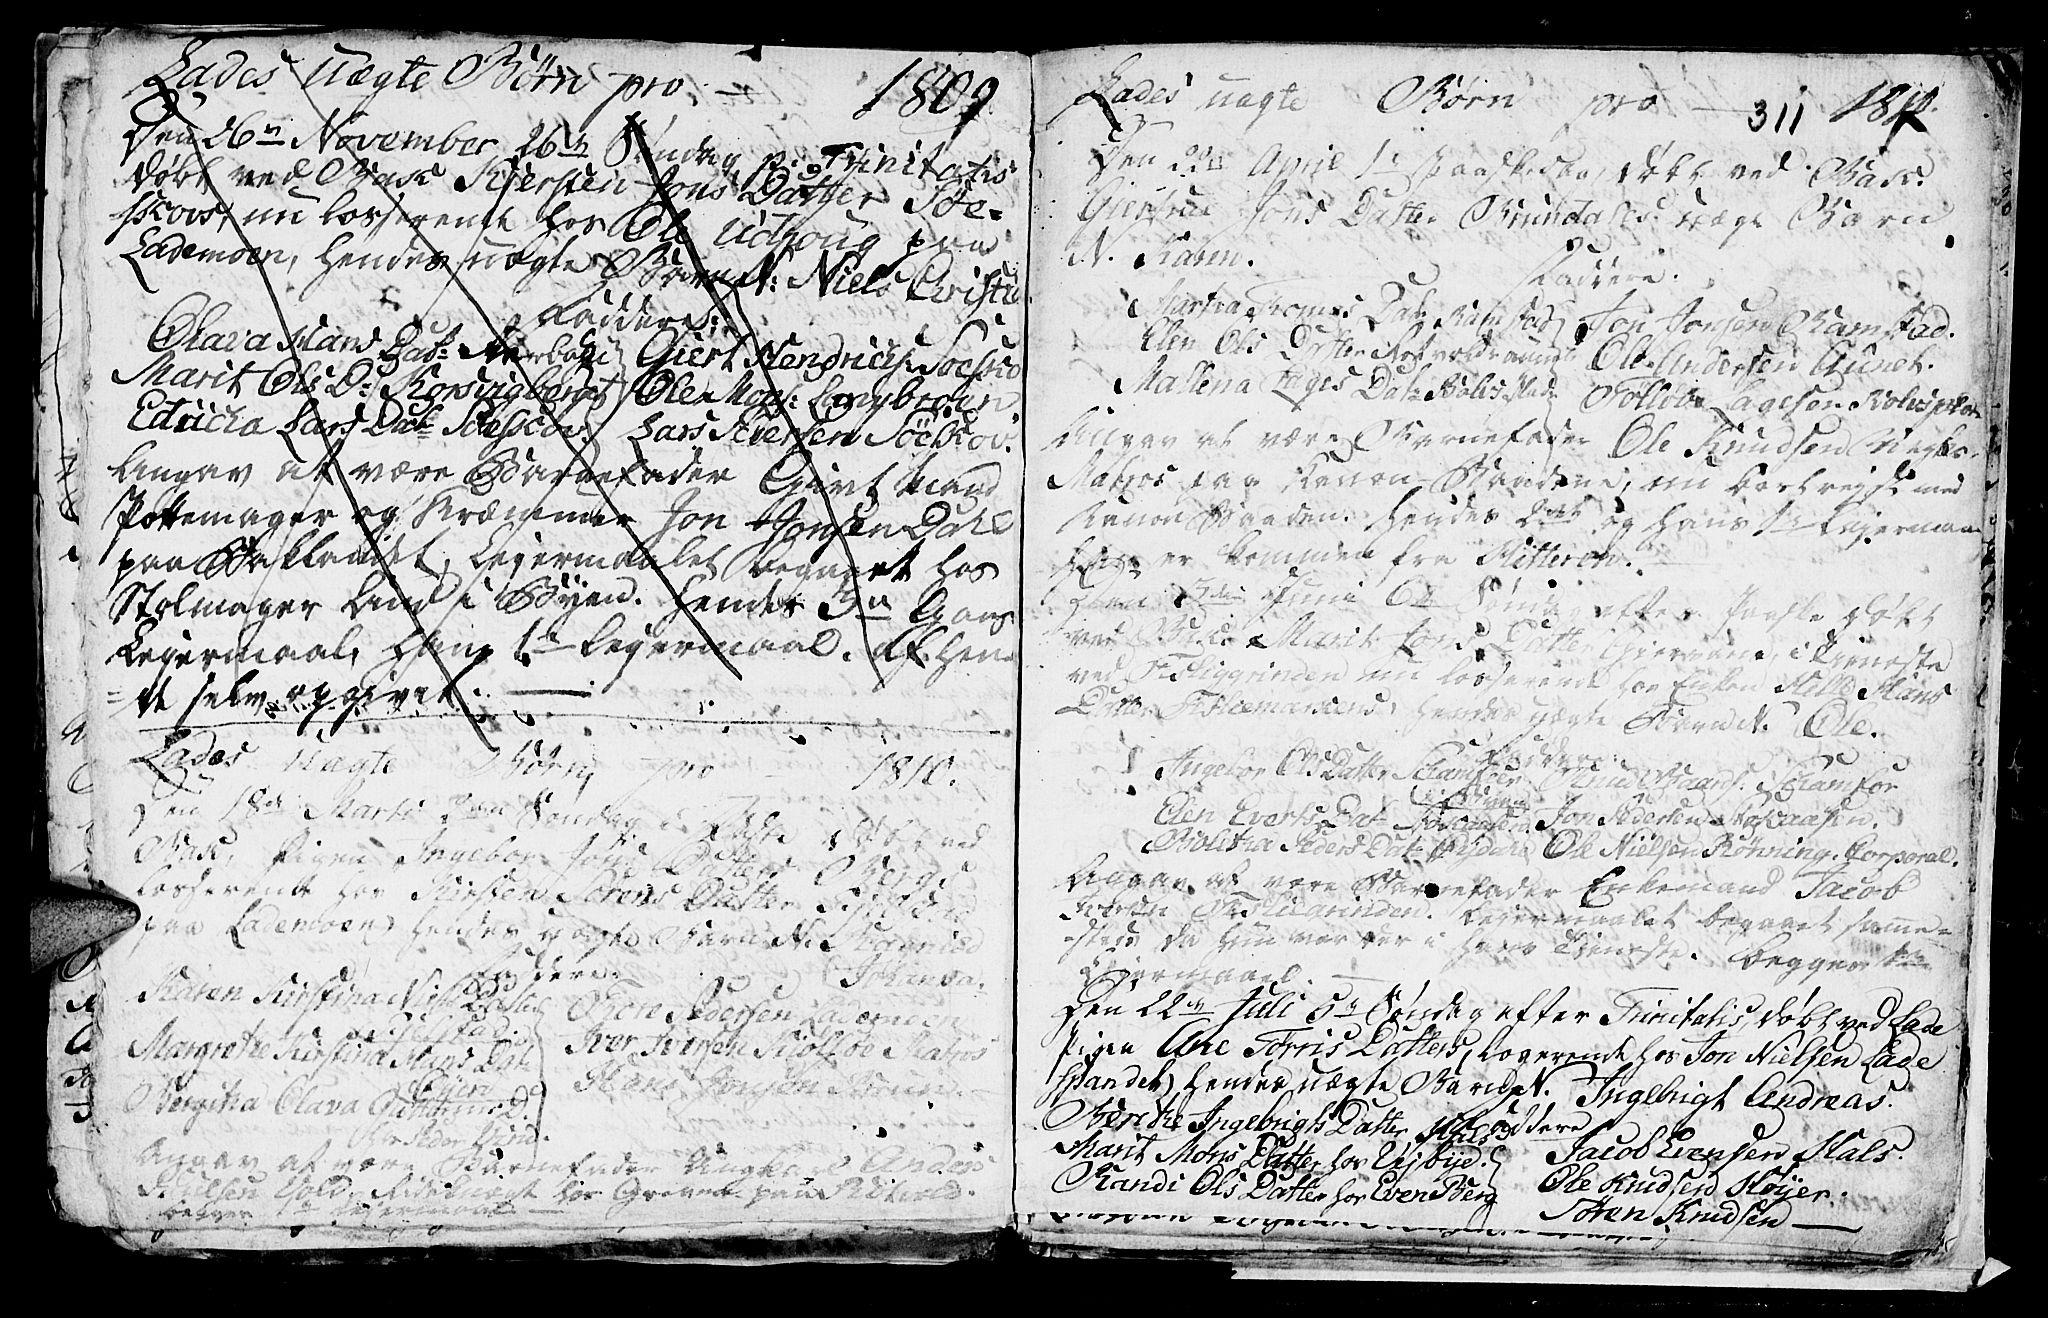 SAT, Ministerialprotokoller, klokkerbøker og fødselsregistre - Sør-Trøndelag, 606/L0305: Klokkerbok nr. 606C01, 1757-1819, s. 311